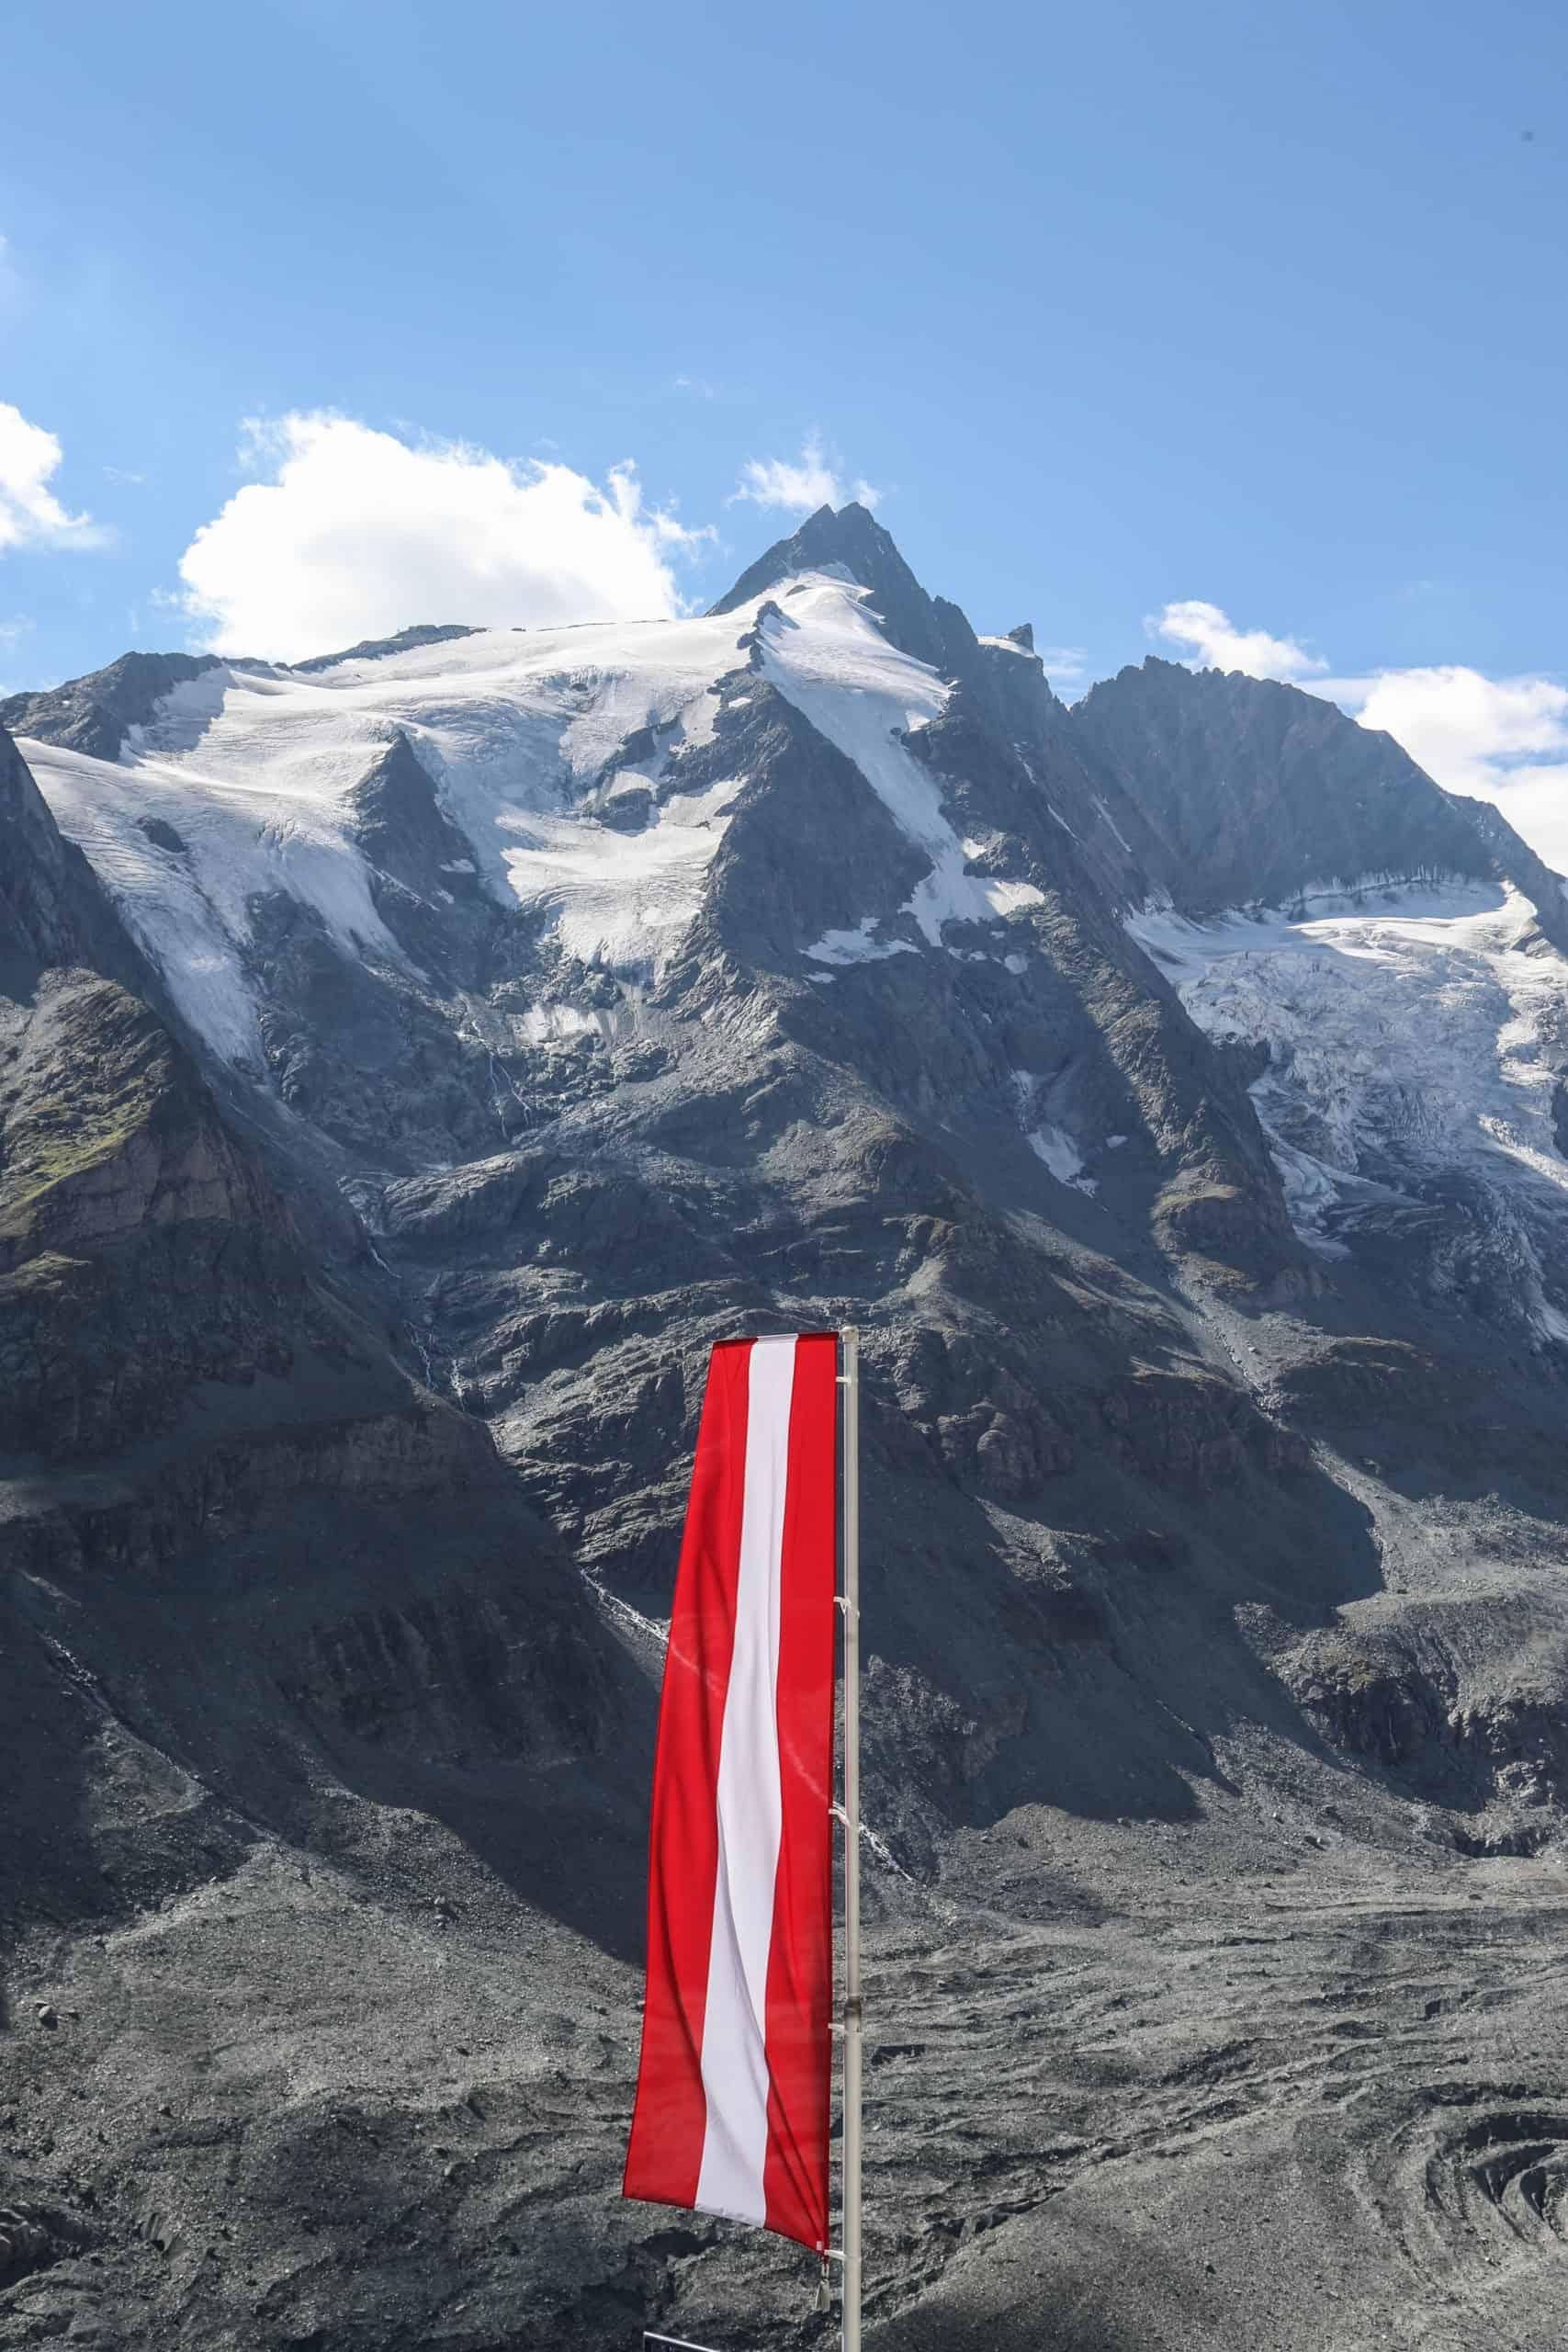 Der Großglockner im Nationalpark Hohe Tauern in den Bundesländern Kärnten & Tirol in Österreich